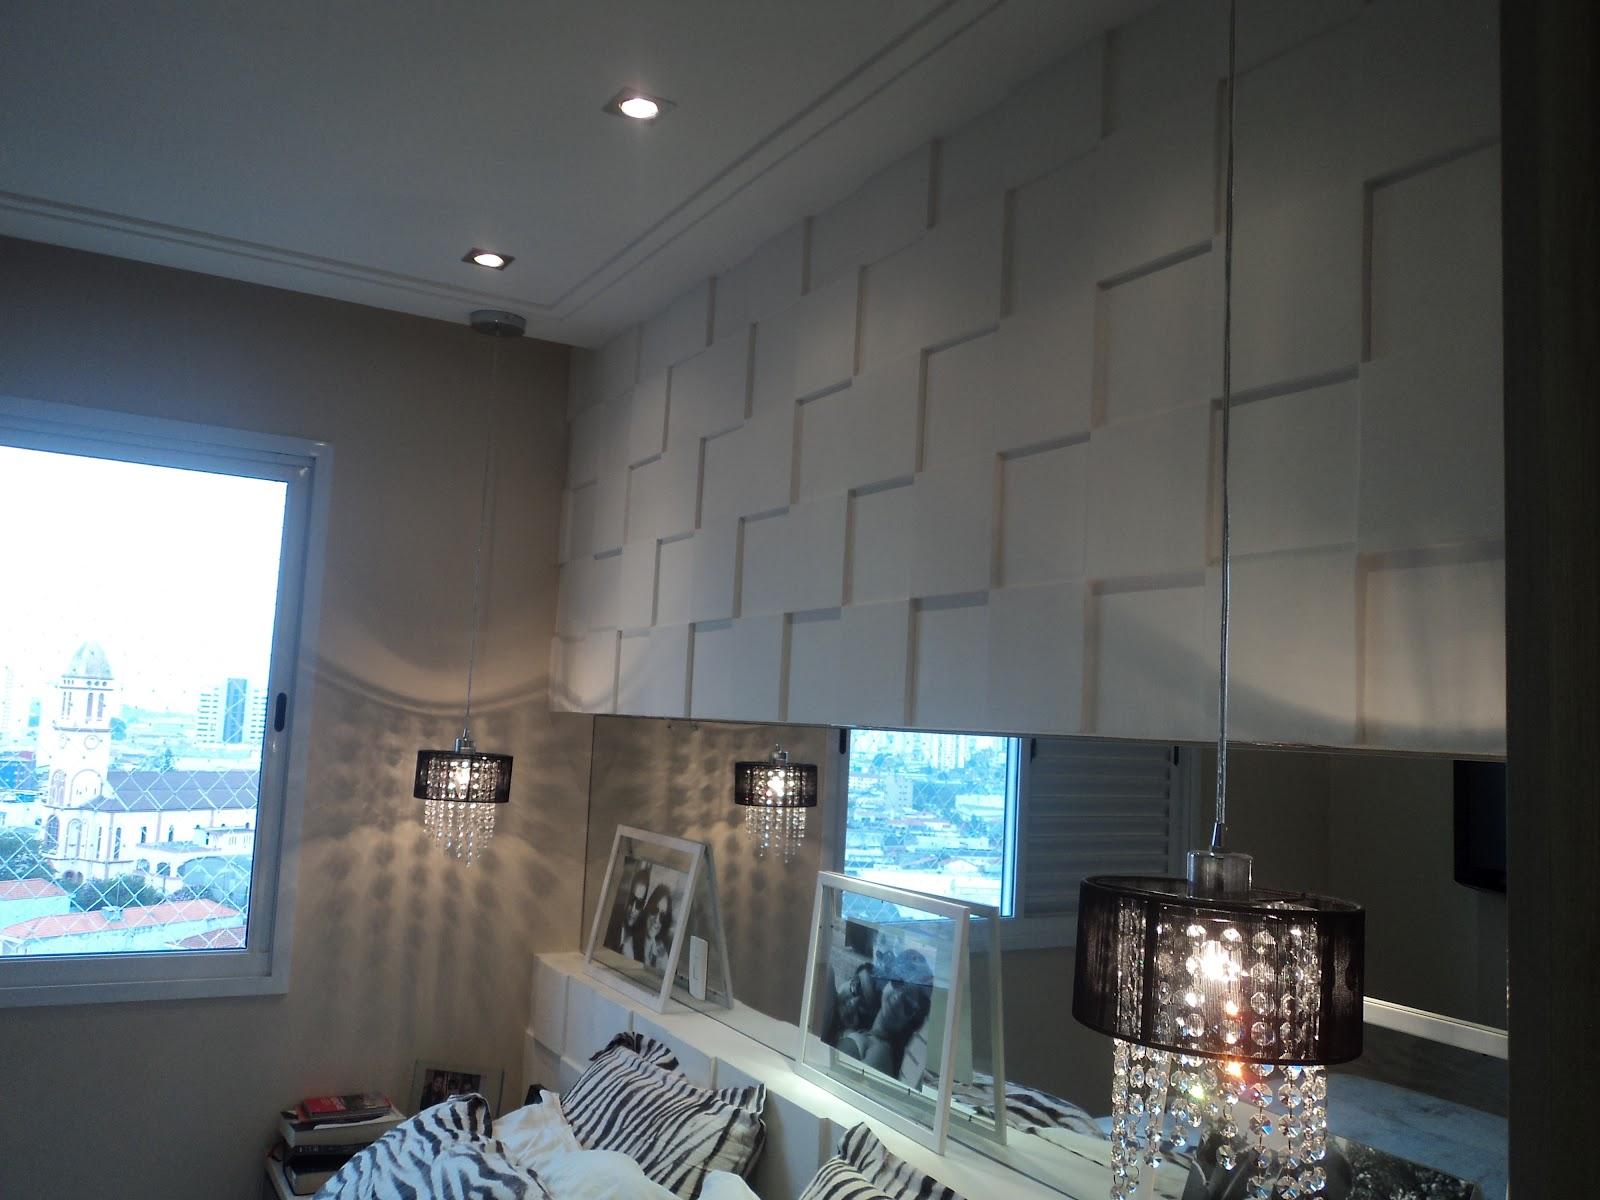 #2E7D9D  sala de estar sala de jantar e dormitórios) dando a liberdade de 1600x1200 píxeis em Decoração De Sala De Estar Com Gesso